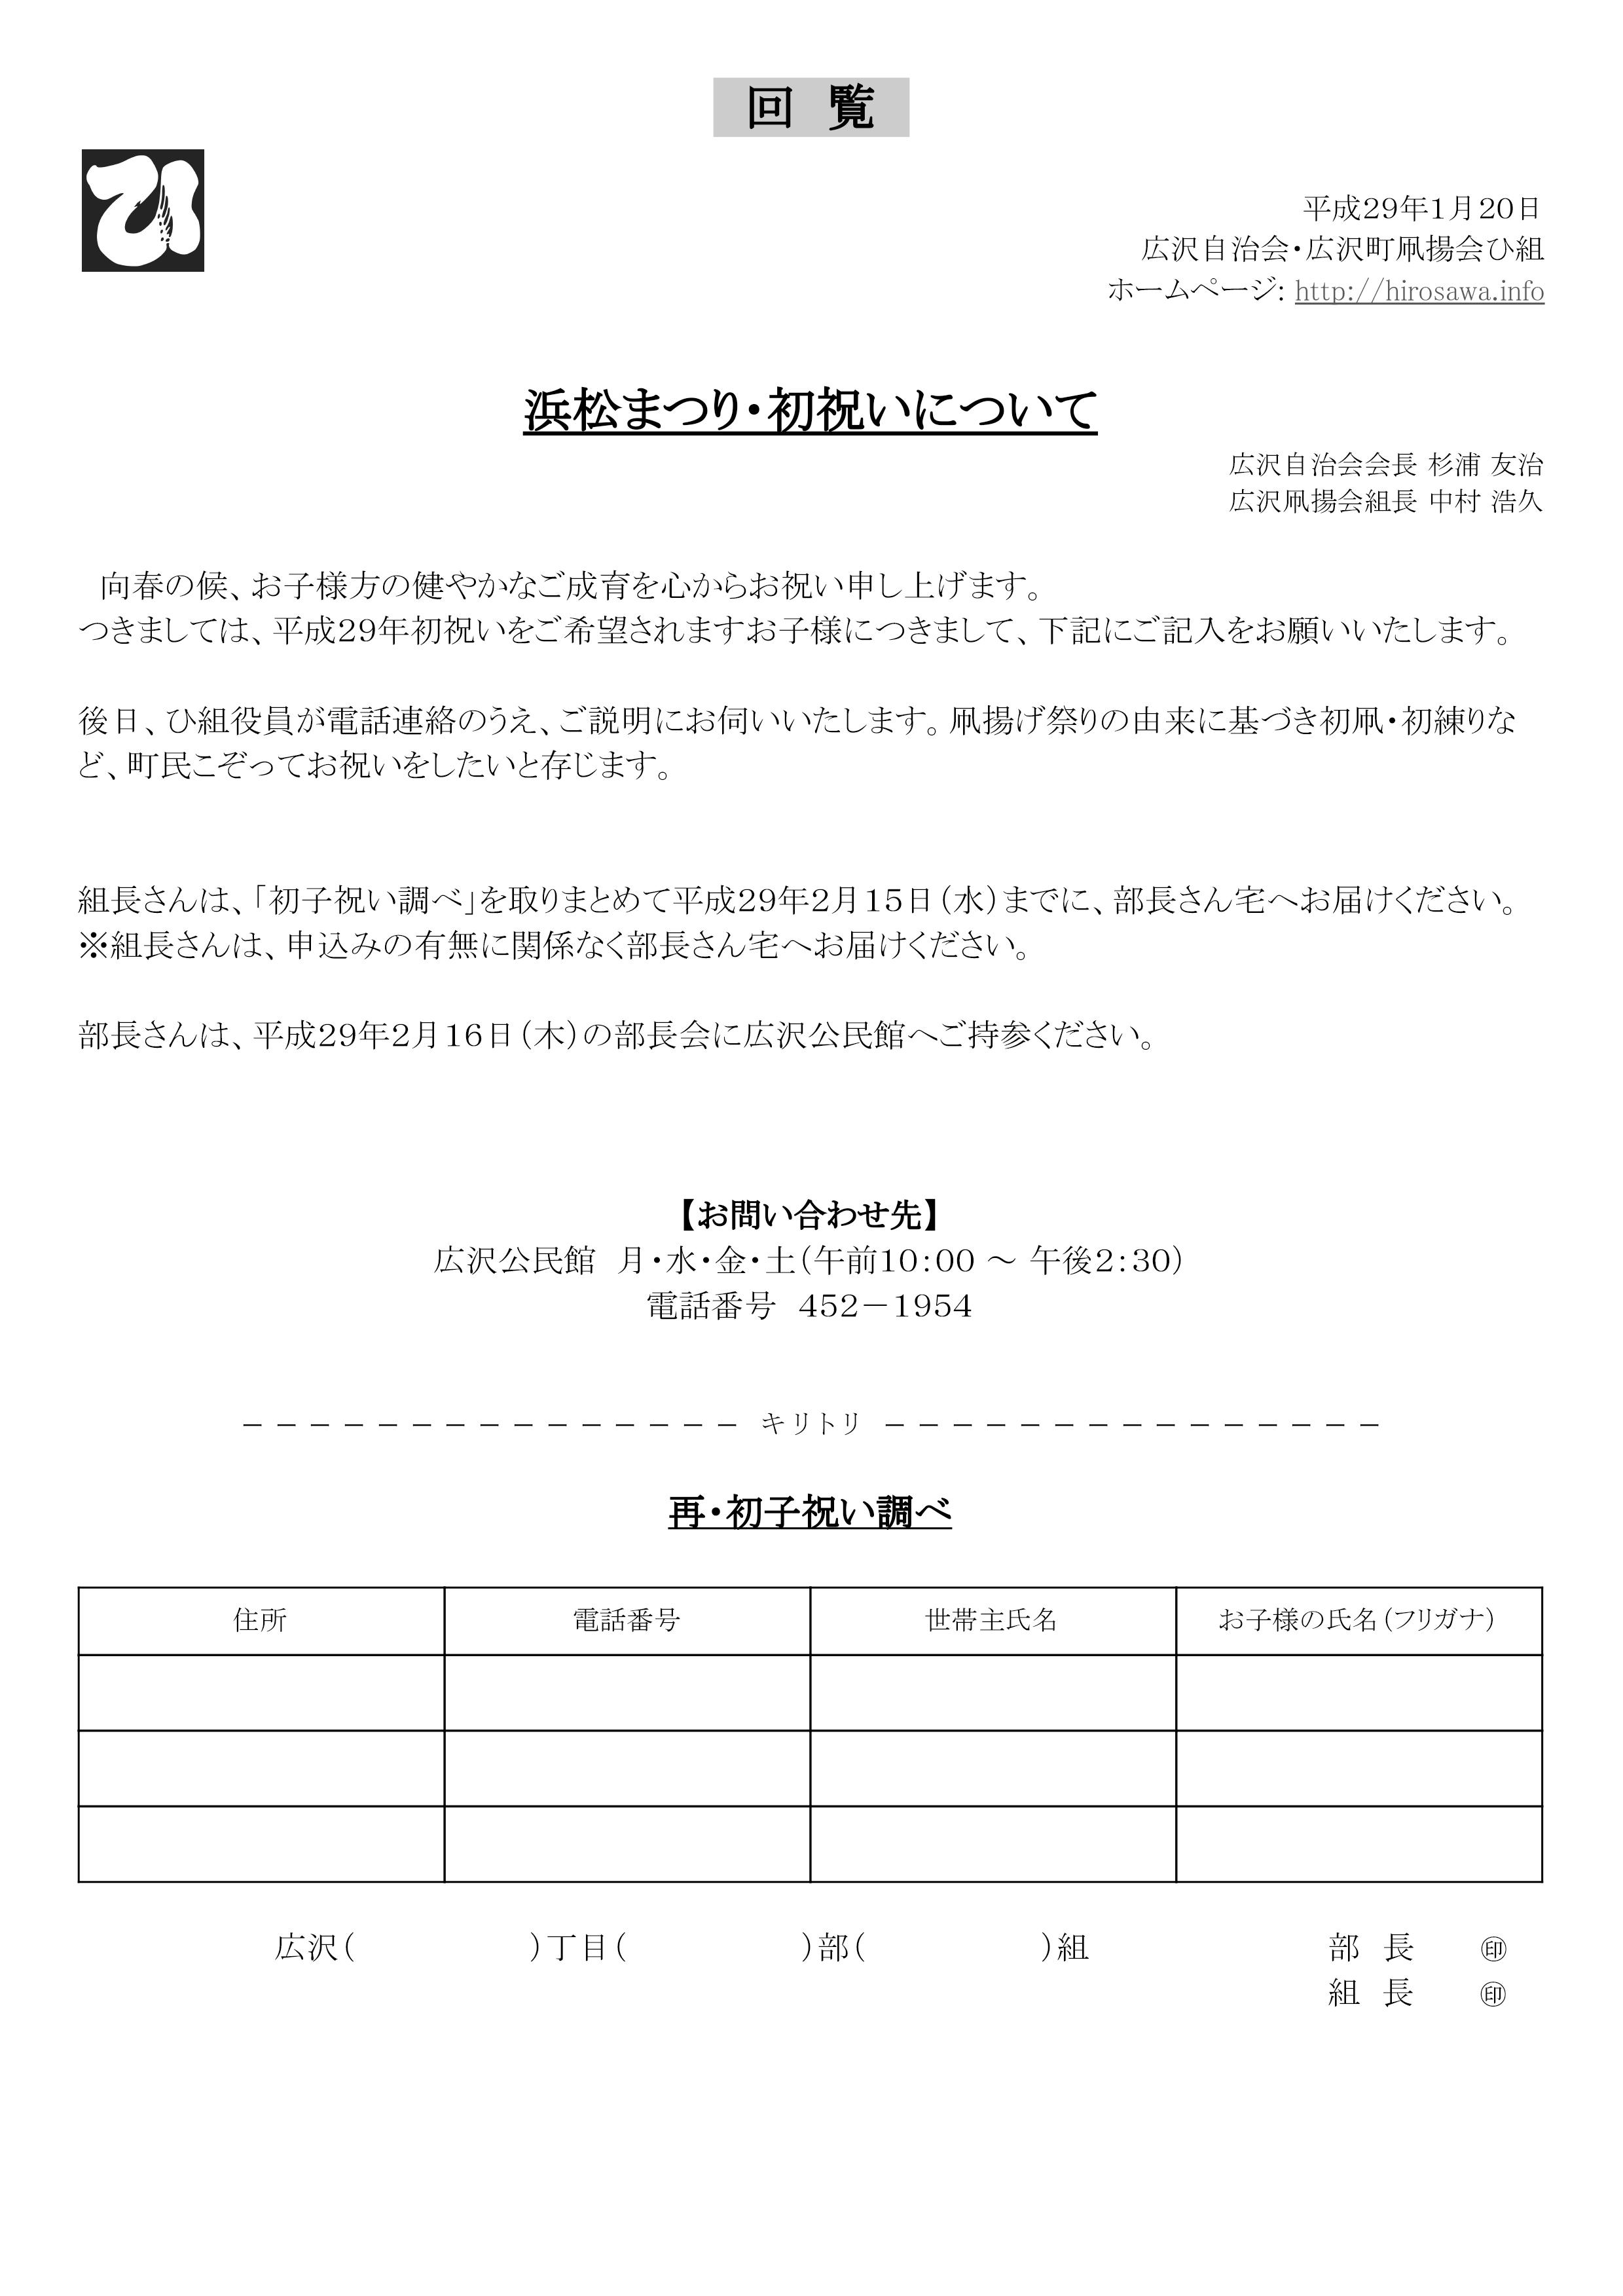 【回覧】平成29年度浜松まつり・初祝いについて 再・初子祝い調べ